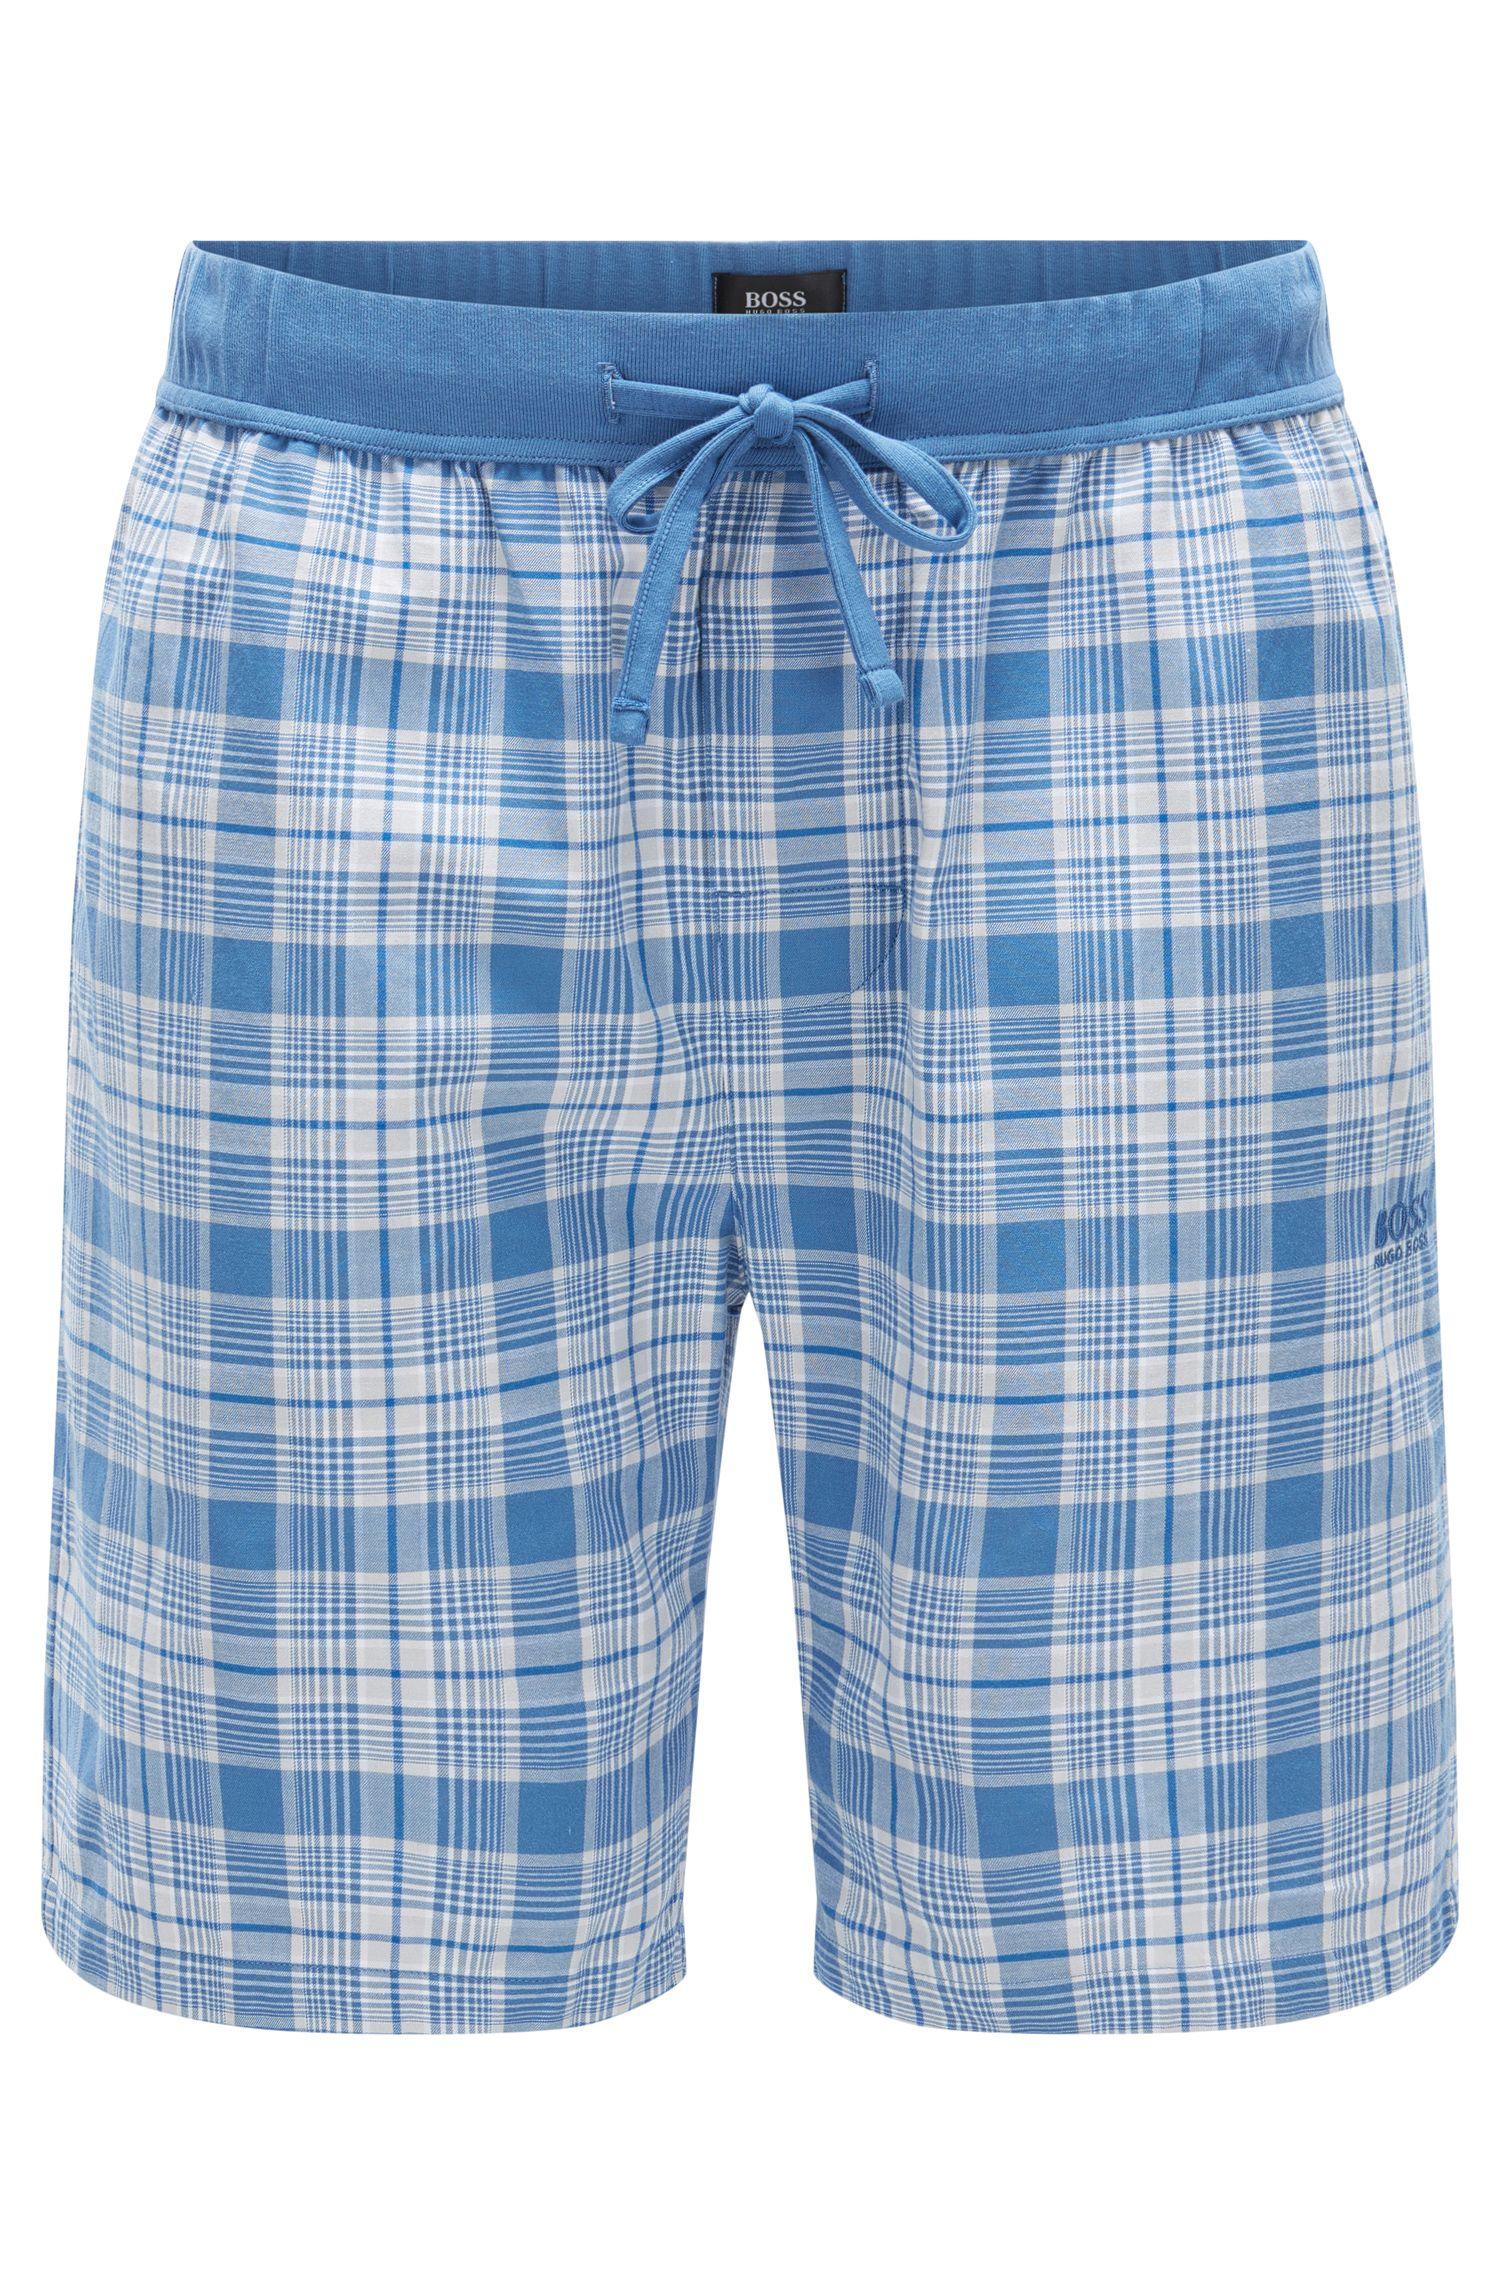 Pantaloncini corti del pigiama a quadri in cotone: 'Short Pant CW'